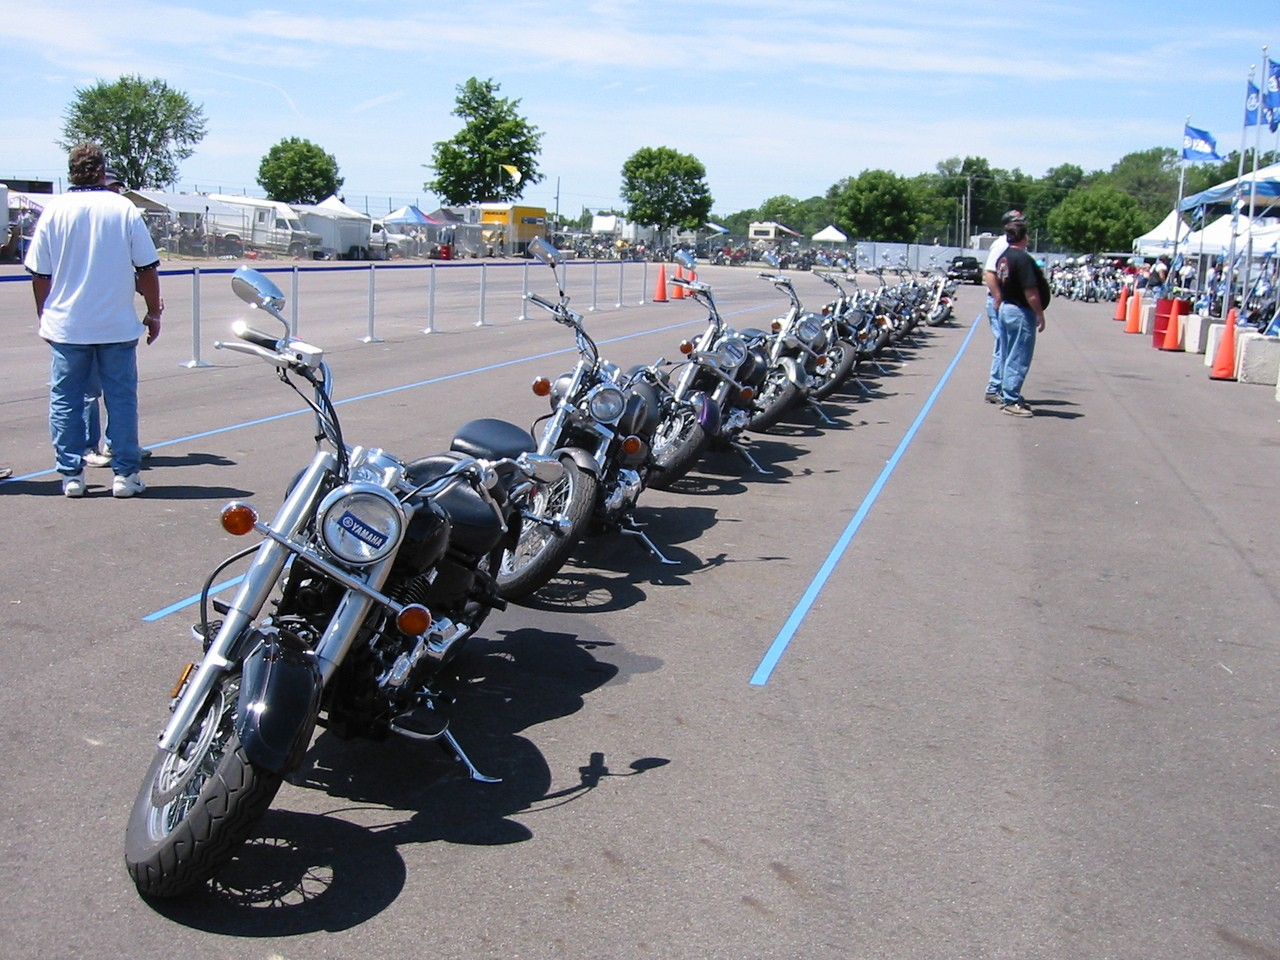 Używany motocykl – na co zwrócić uwagę?